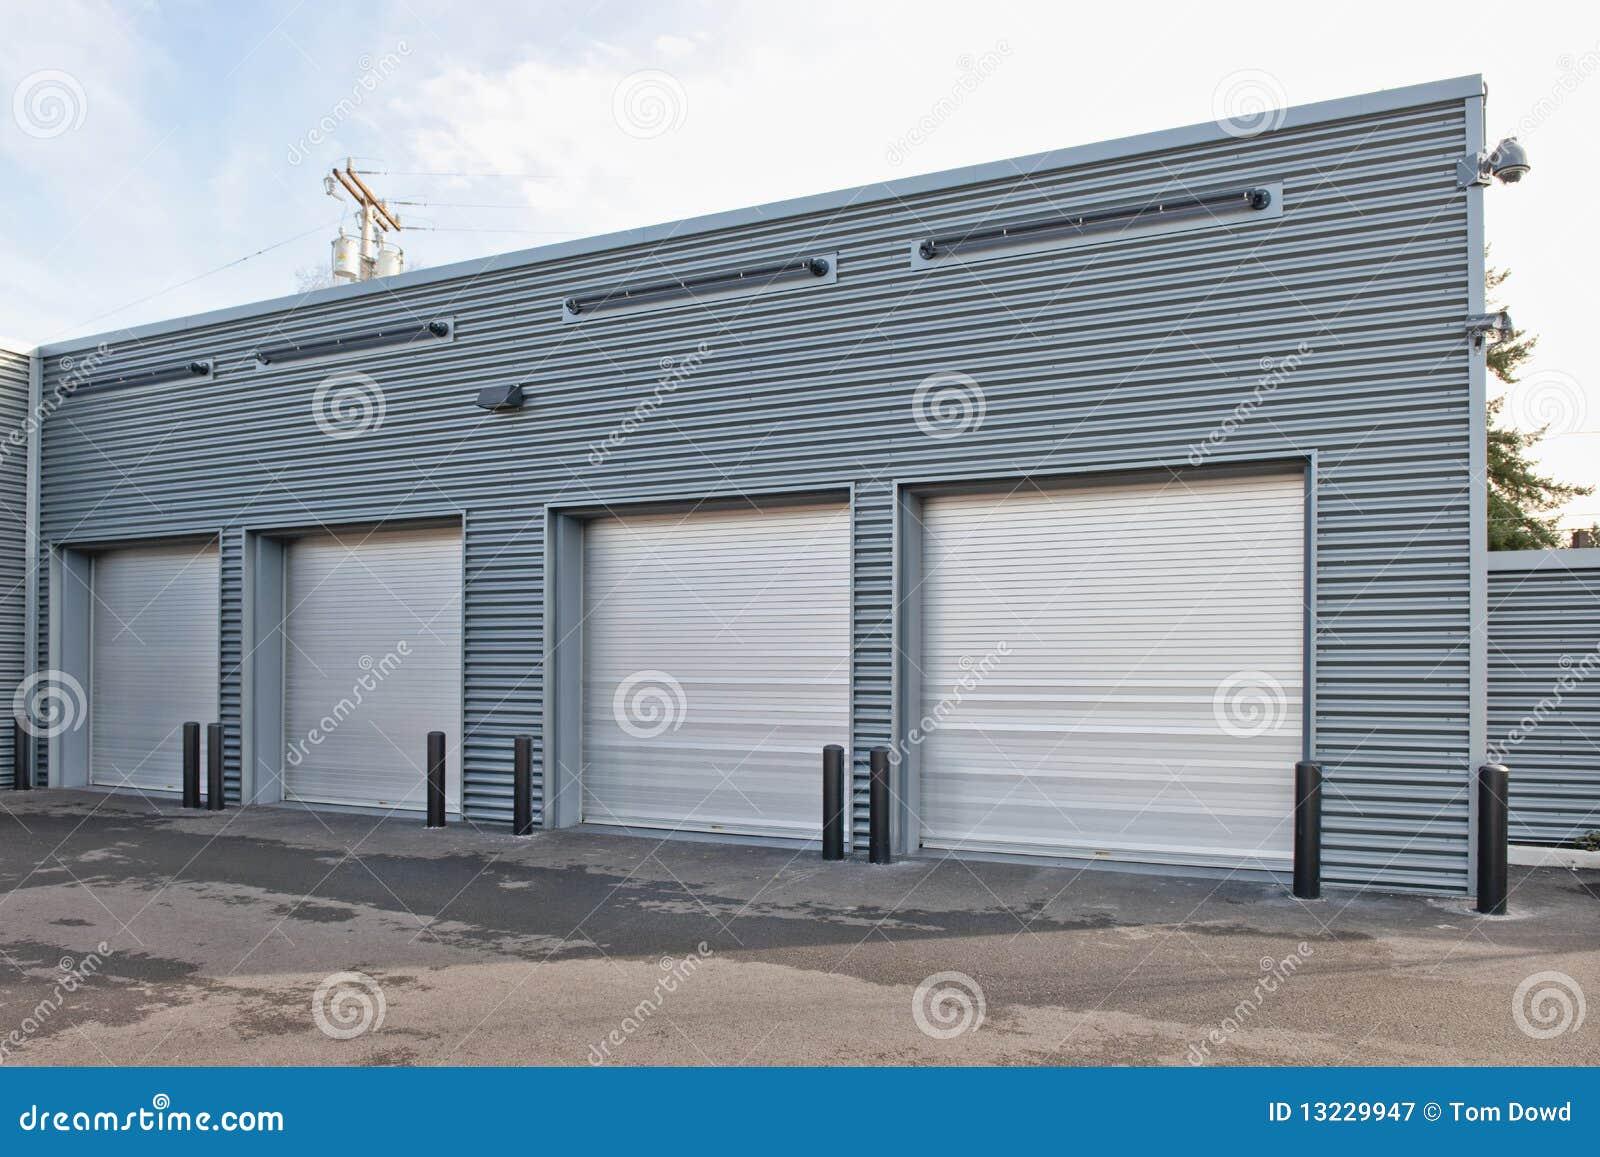 Parking garage with doors